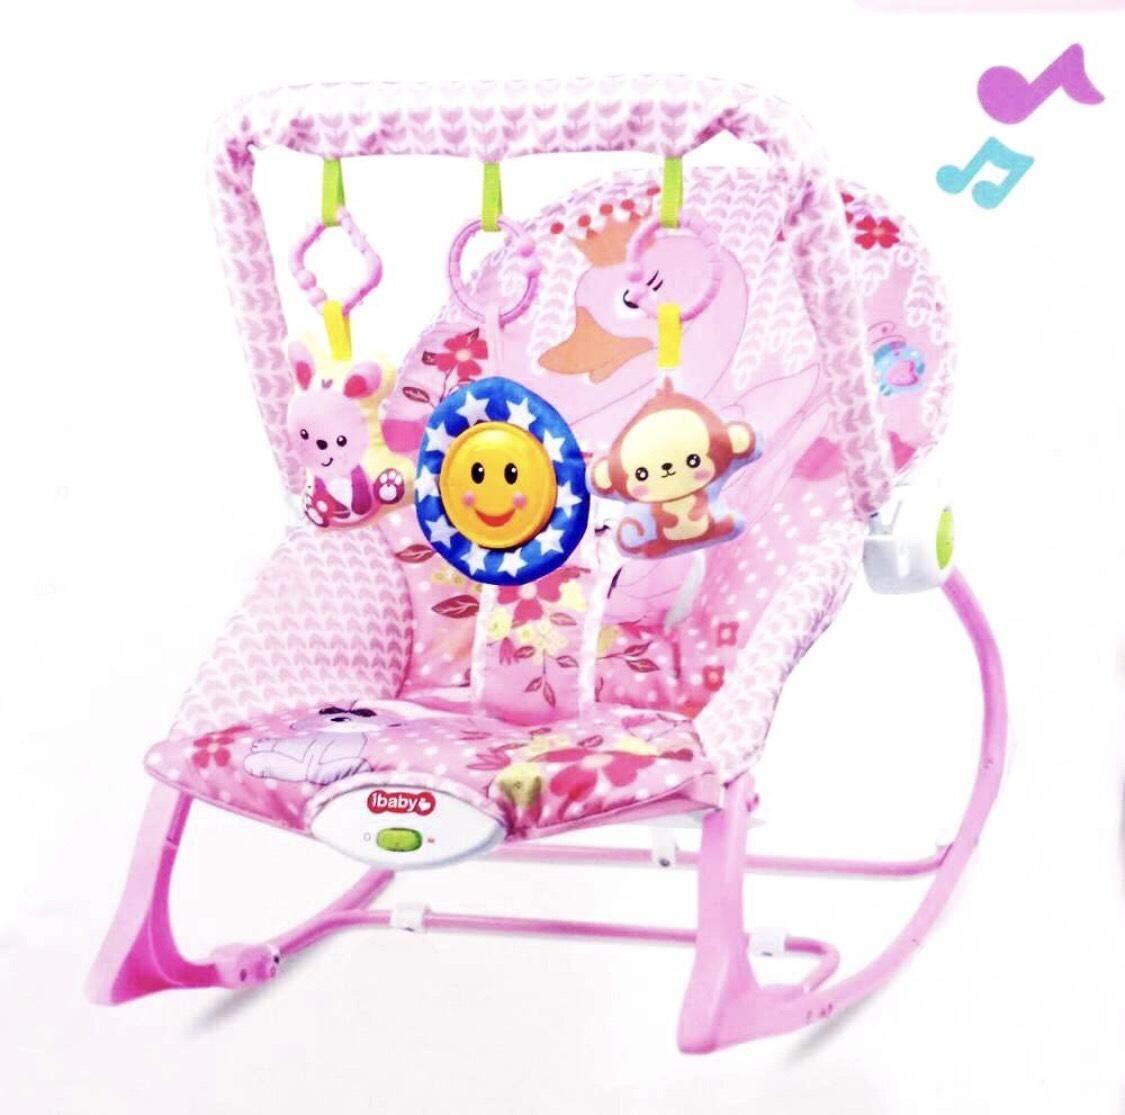 เปลโยก เก้าอี้โยก มีเสียงเพลง ibaby Infant-to-toddler Rocker